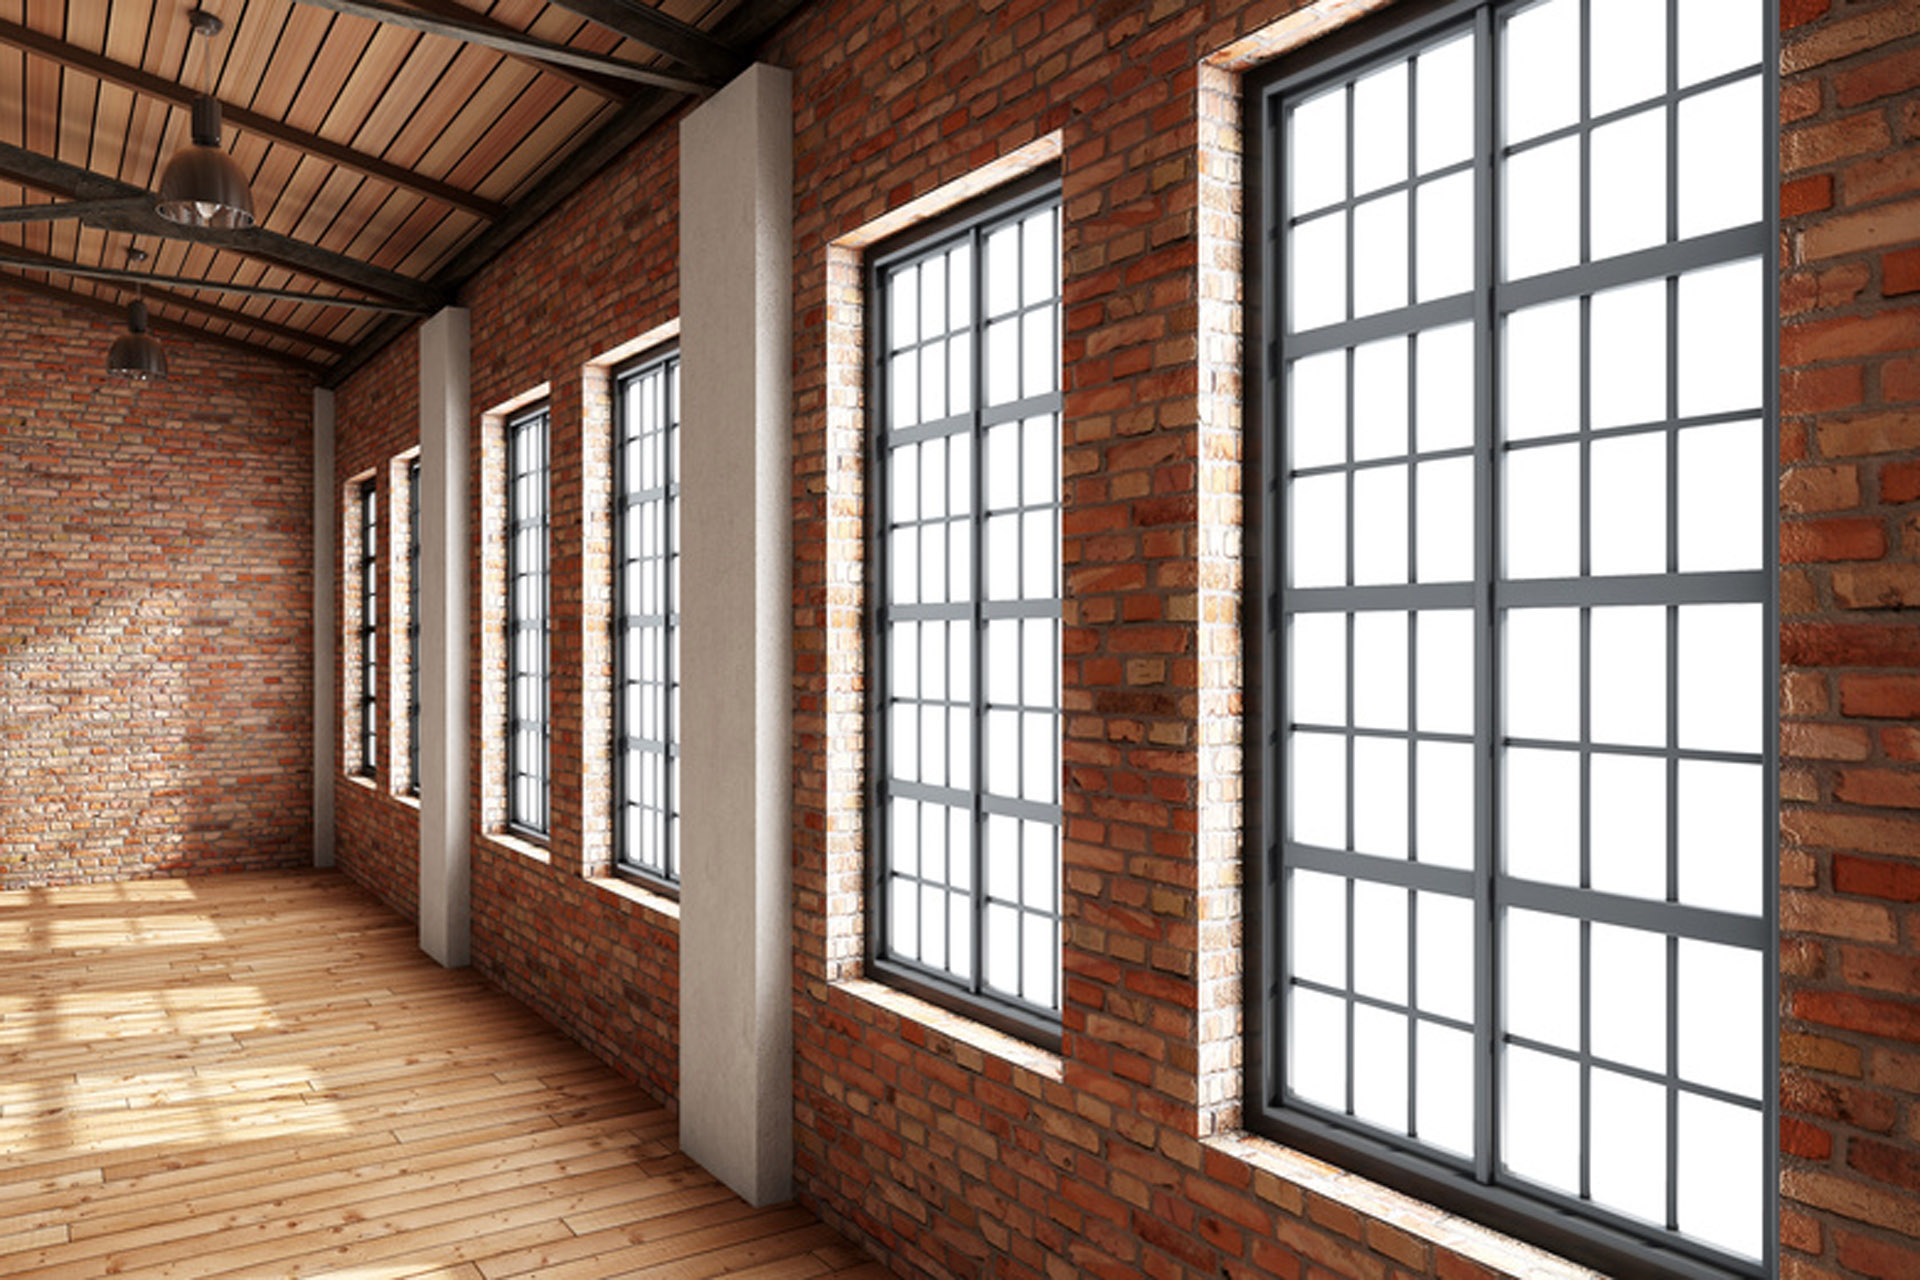 Lohnt sich die Modernisierung Ihrer Immobilie? Diese Punkte müssen Sie vorab beachten!